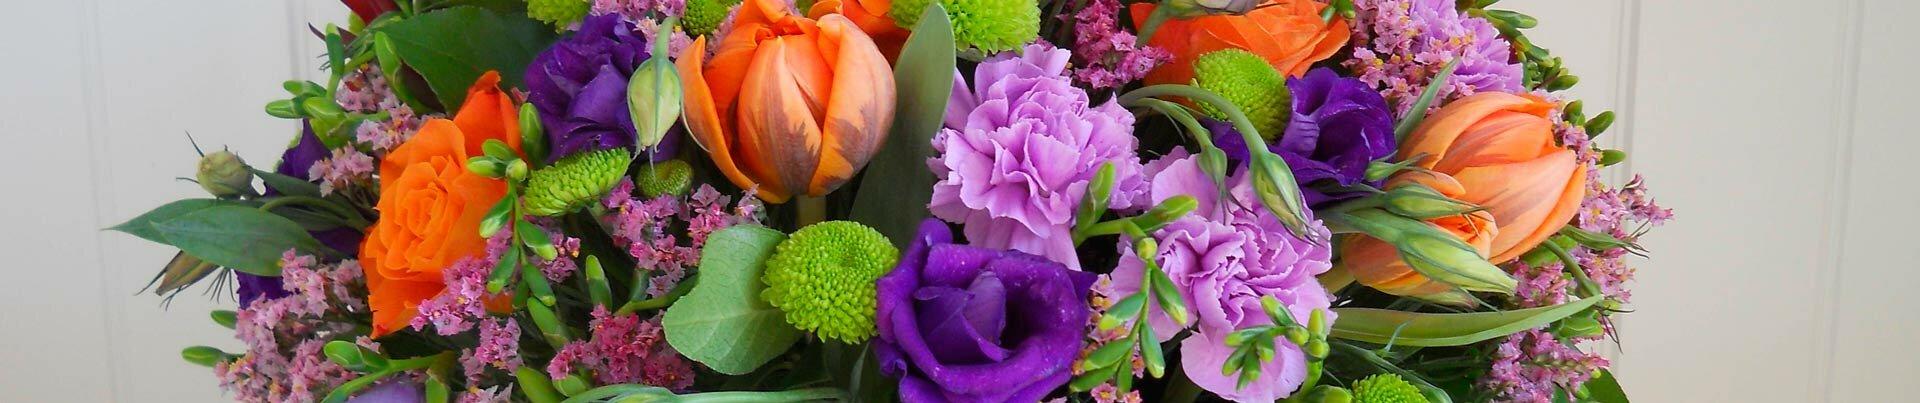 Ферма купить цветы дешево купить в нн букеты роз персиковых